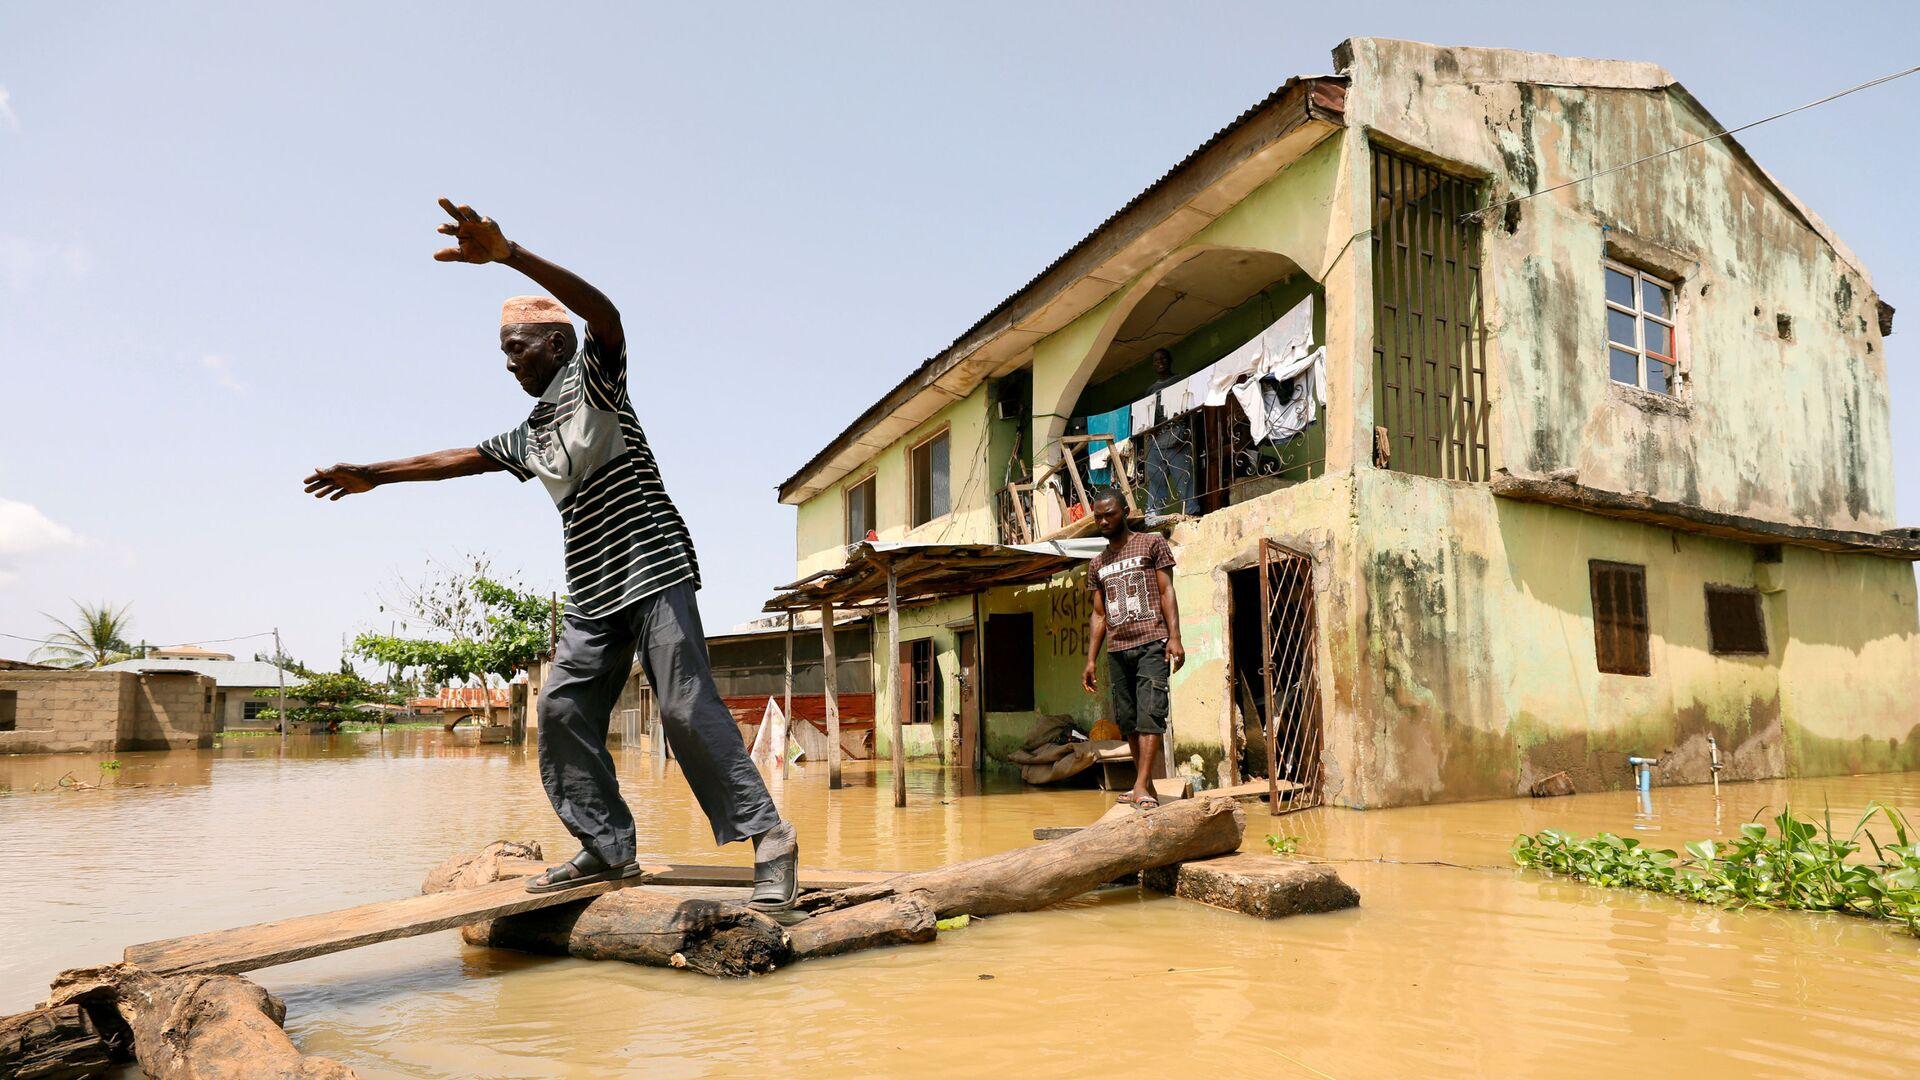 Жители нигерийского штата Коги на затопленной после наводнения улице - Sputnik Polska, 1920, 05.07.2021